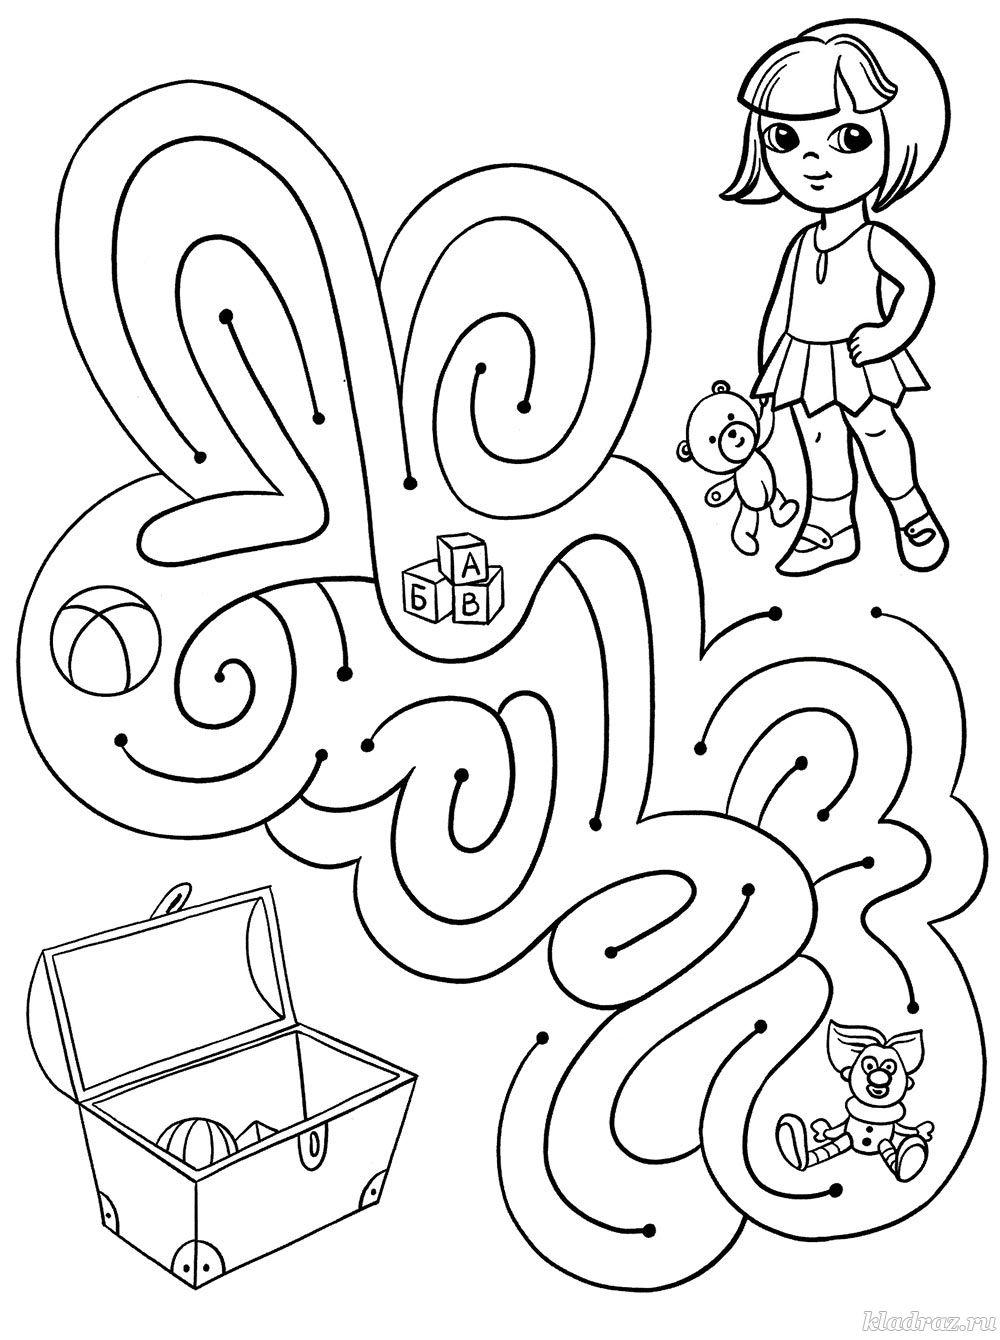 Лабиринт для детей 5-6 лет